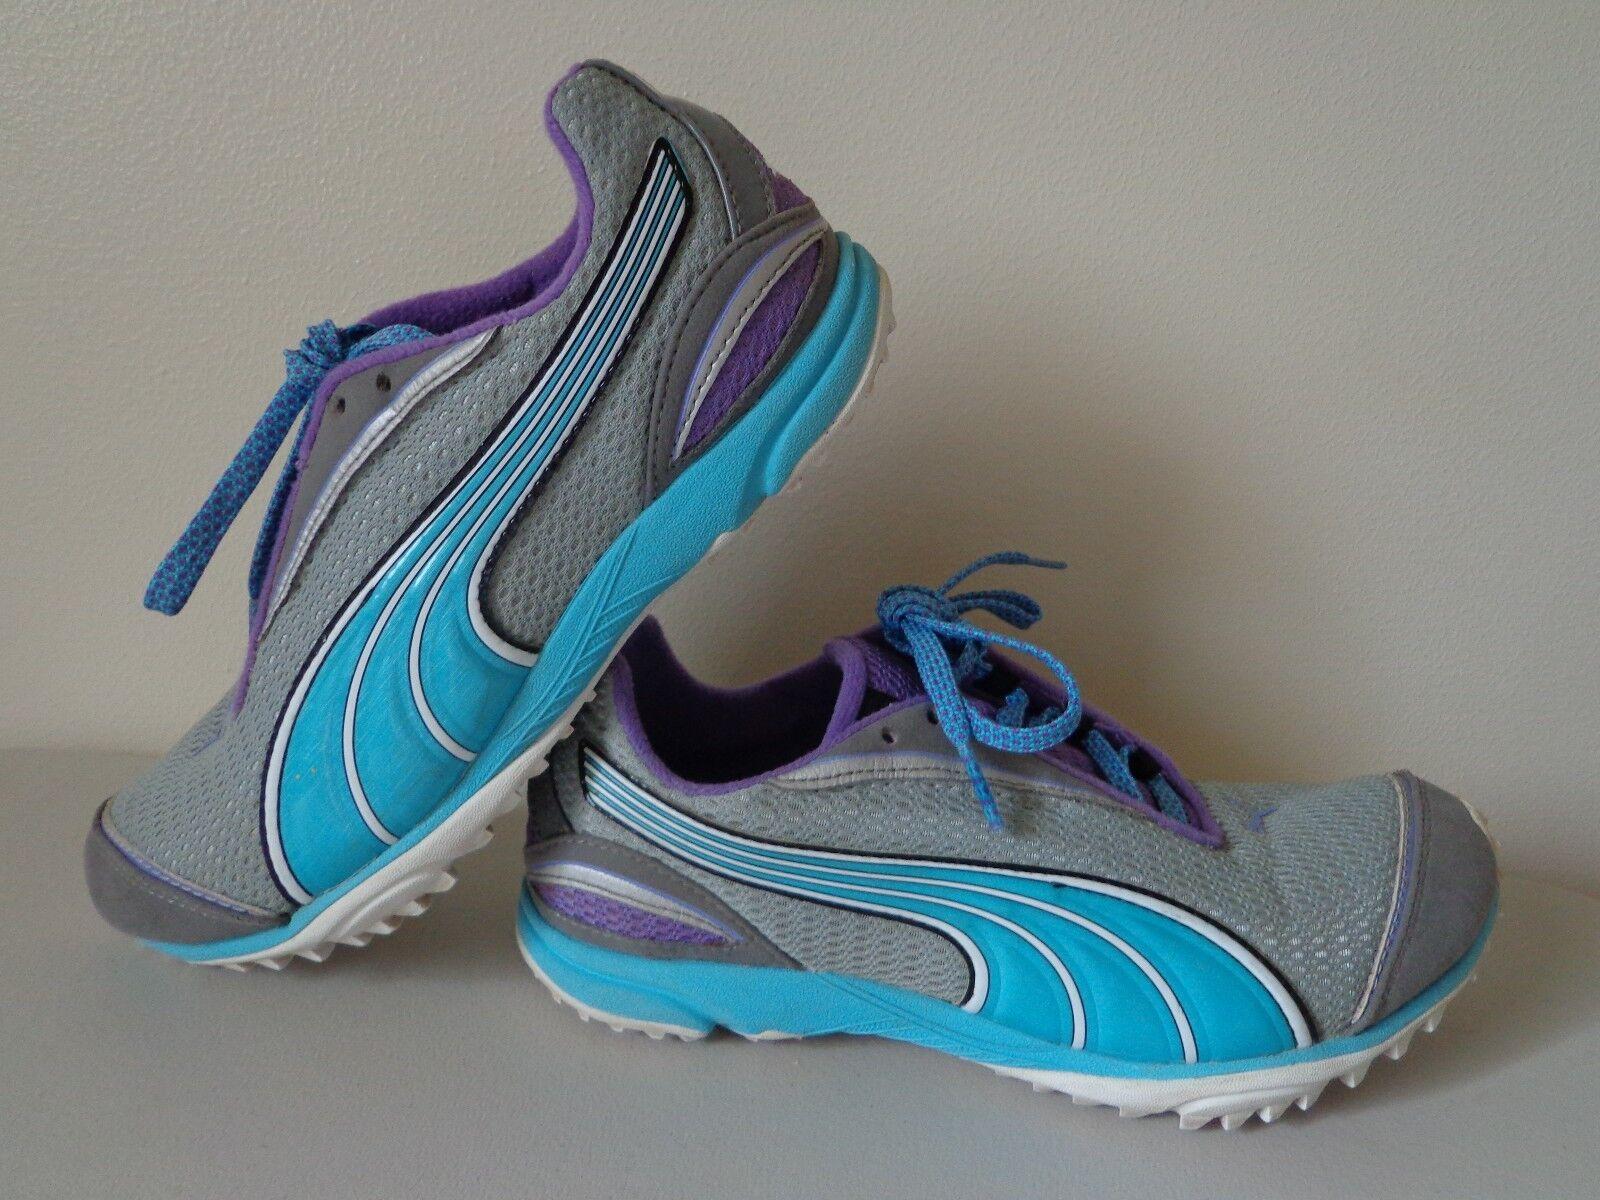 Puma Athletic Women's shoes Multi-color Size 7